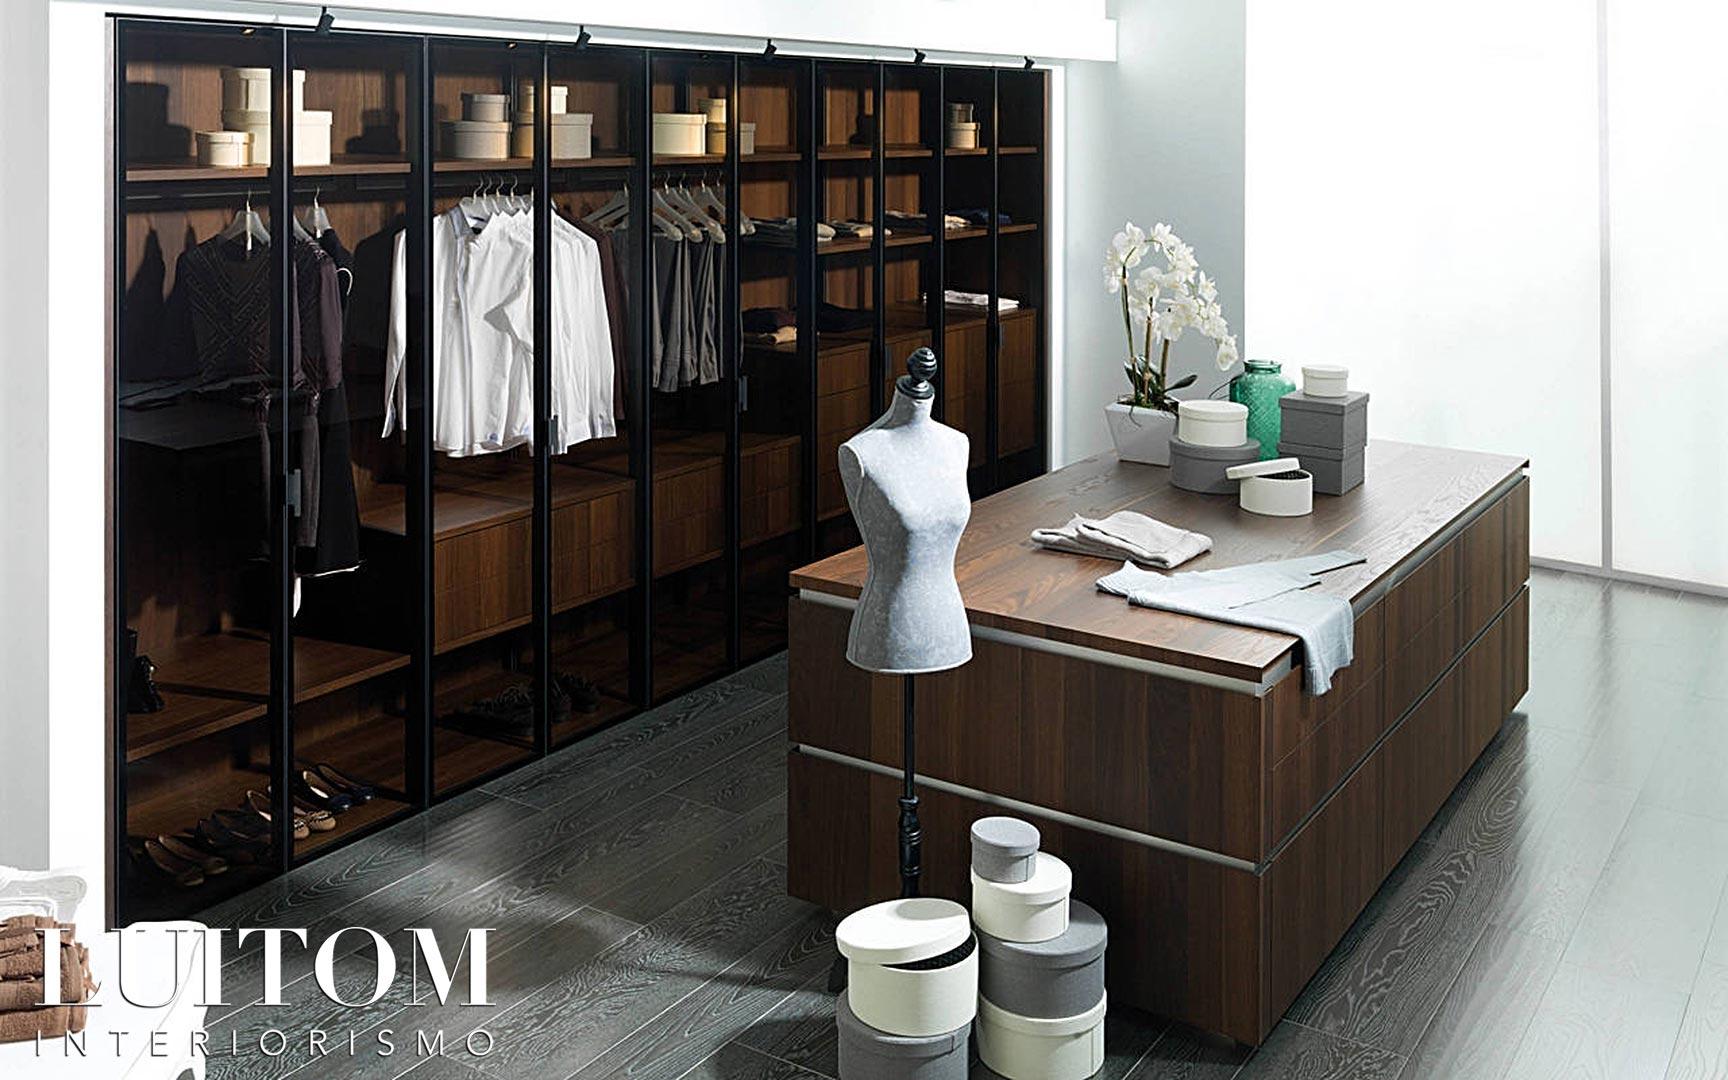 vestidor-con-isla-ideas-consejos-decoracion-organizacion-armarios-cristal-vitrinas